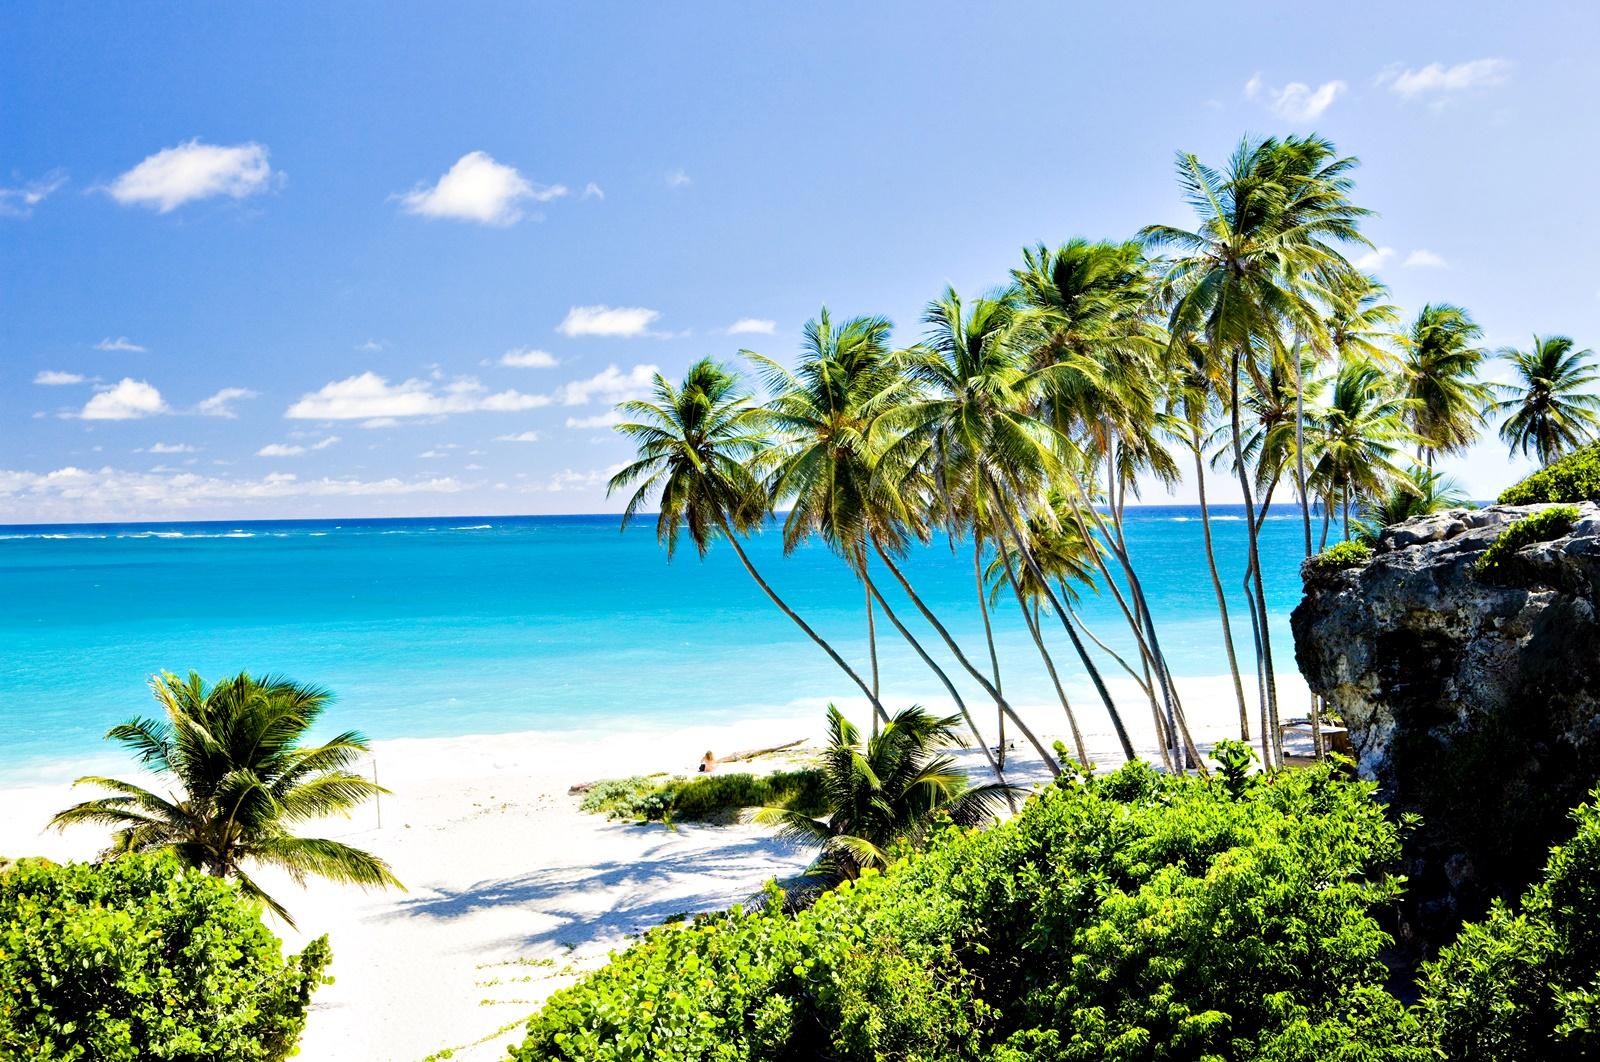 В Барбадос също честват празника, и то от около 300 години. <div>Той представлява фестивал на жътвата, продължаващ от шест седмици до три месеца.</div>  <div></div>  <div>Носи името Край на реколтата.</div>